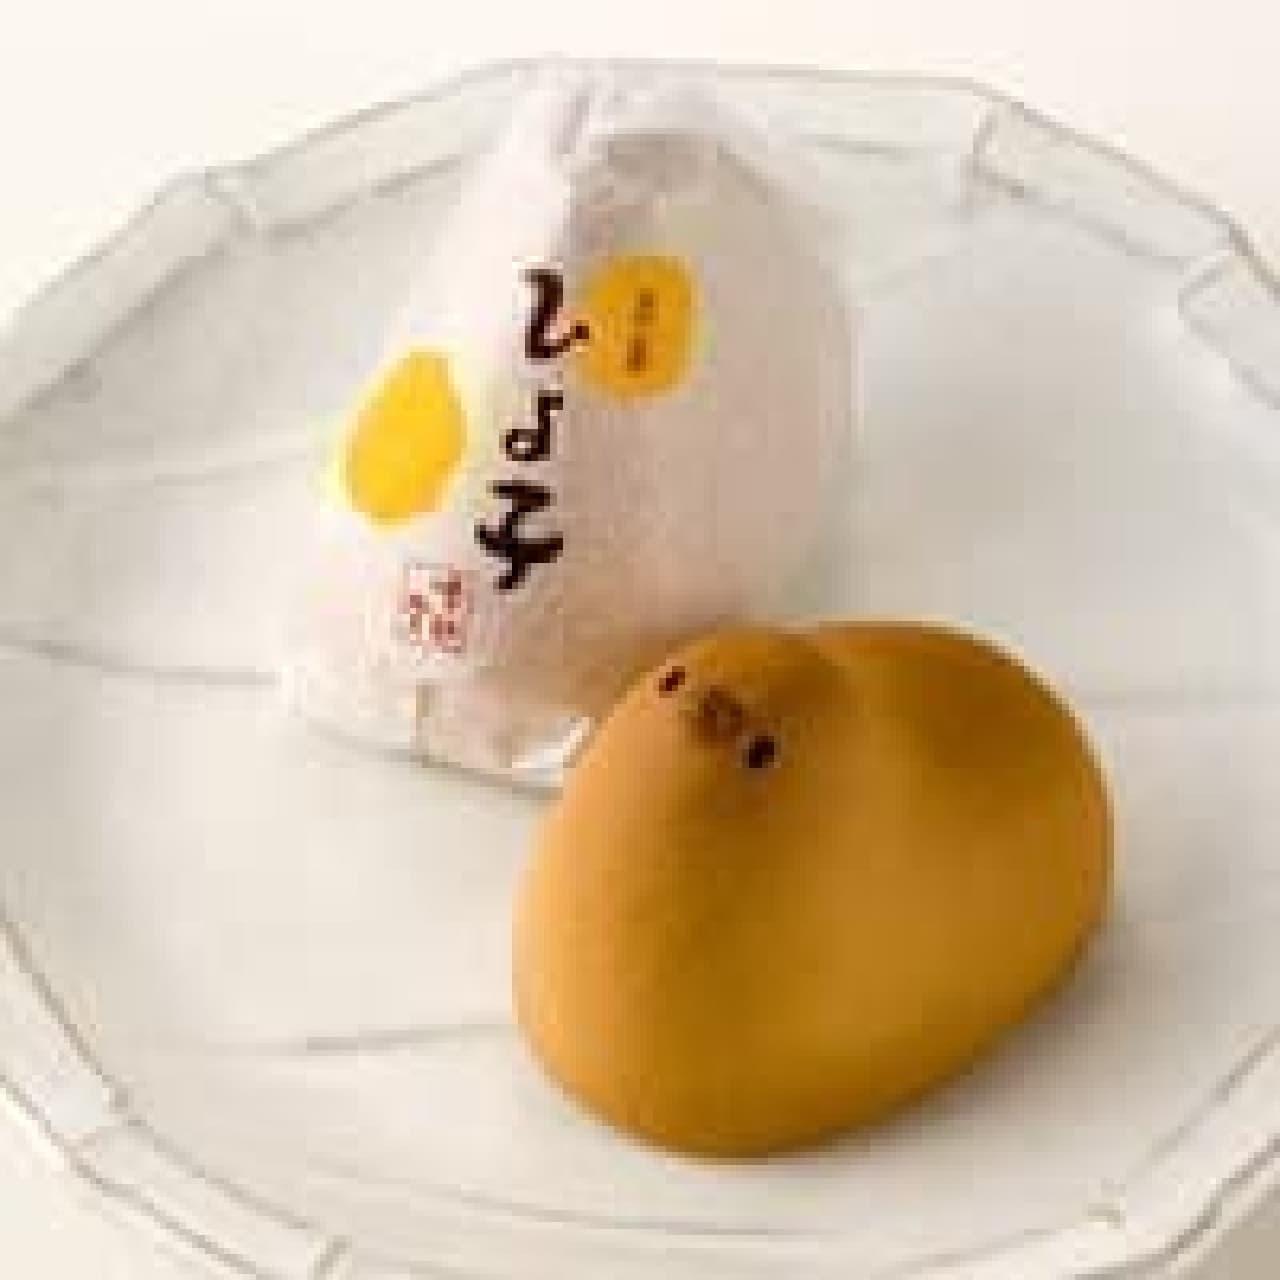 高島屋オンラインストアで「大好きな観光地を応援!おうちであの手土産をお取り寄せ!」特集